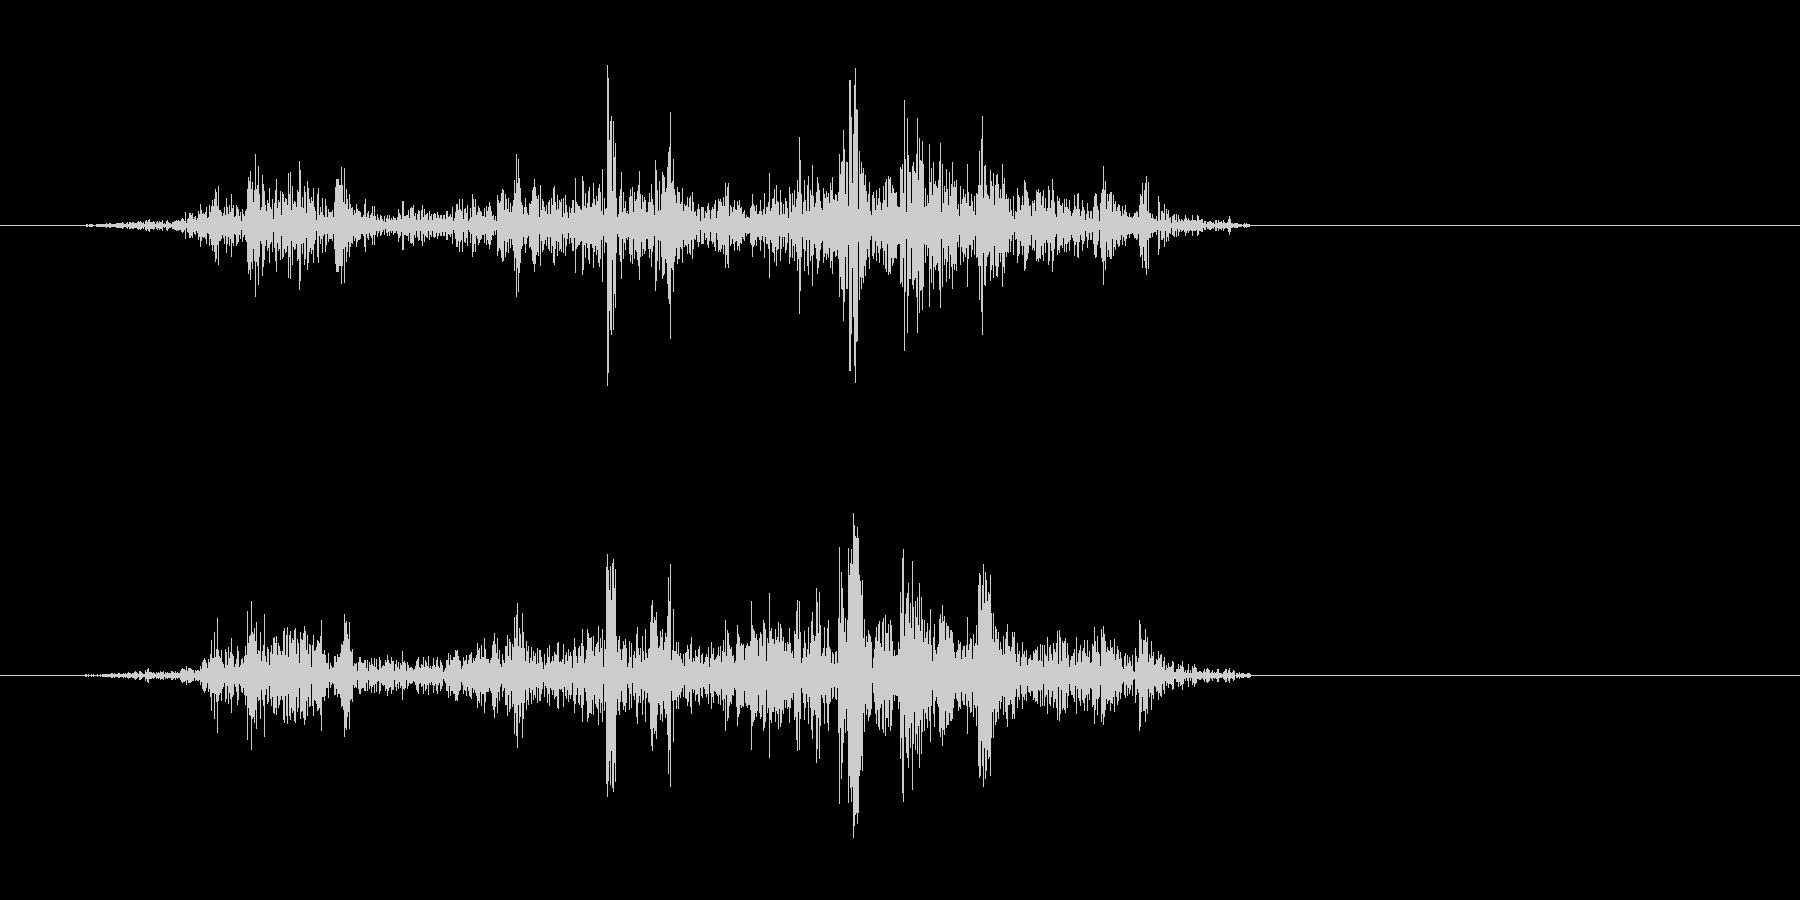 ザザッ(摩擦音)短めの未再生の波形